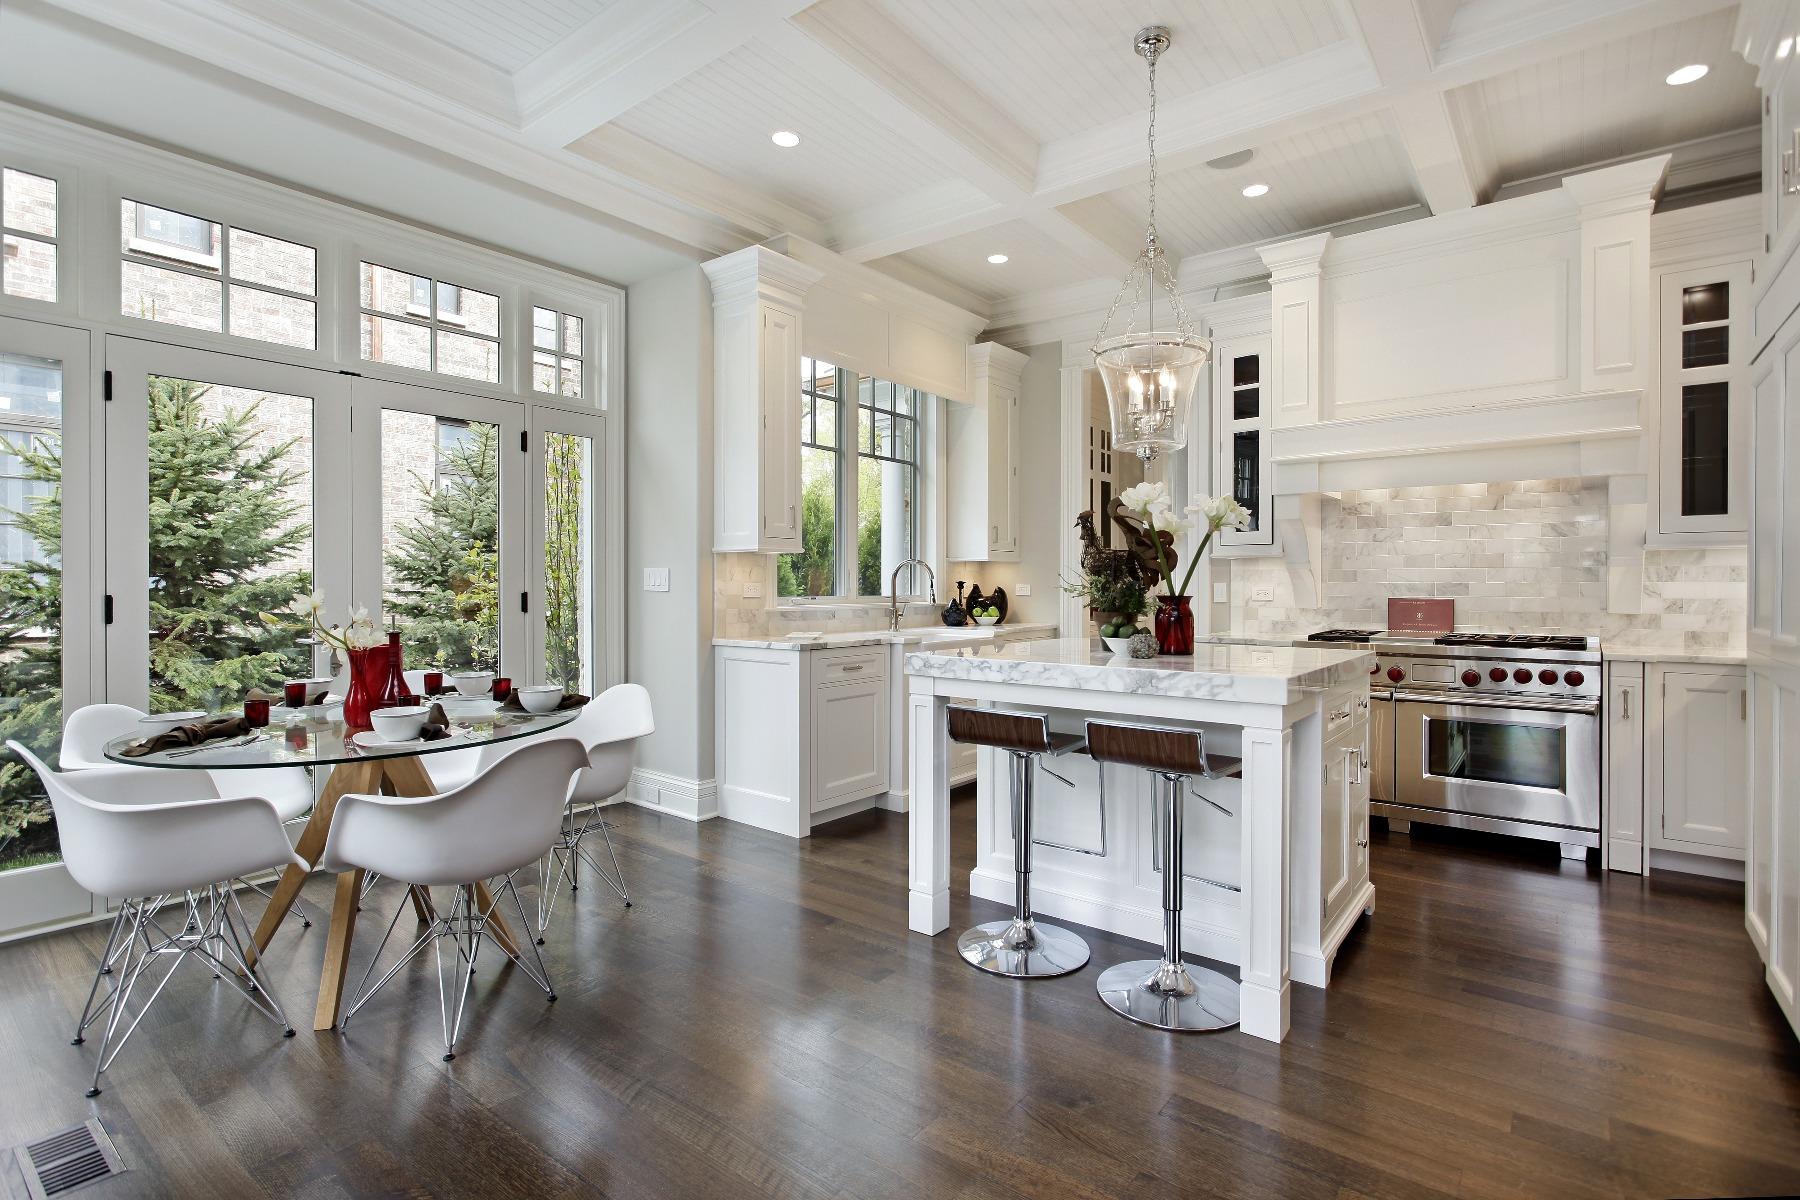 Das Bild zeigt eine Küche.